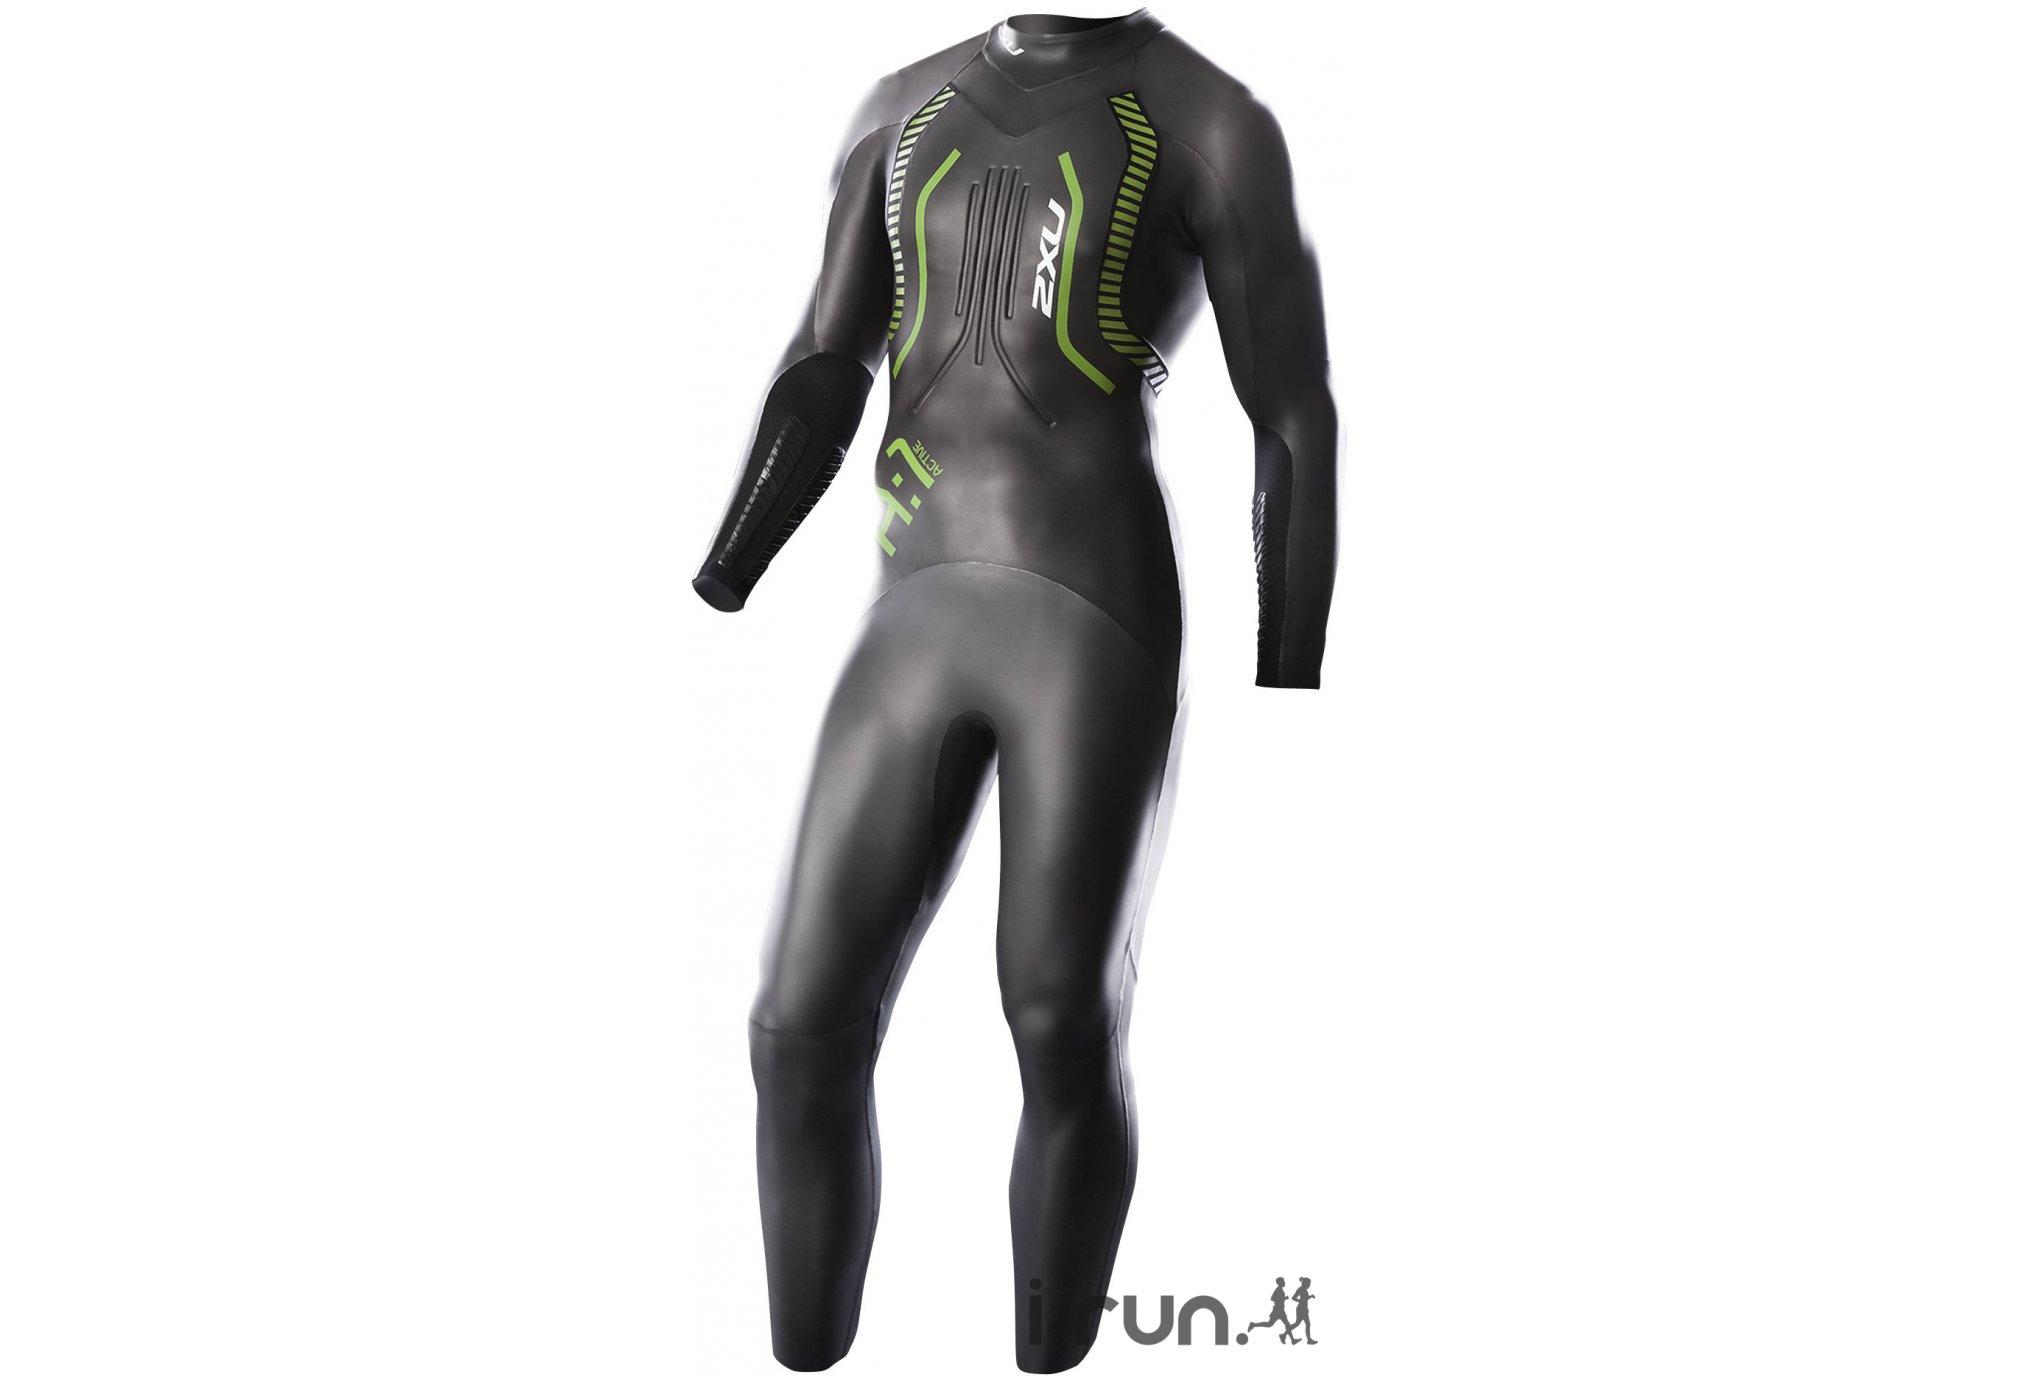 2xu Combinaison a:1 active m vêtement running homme